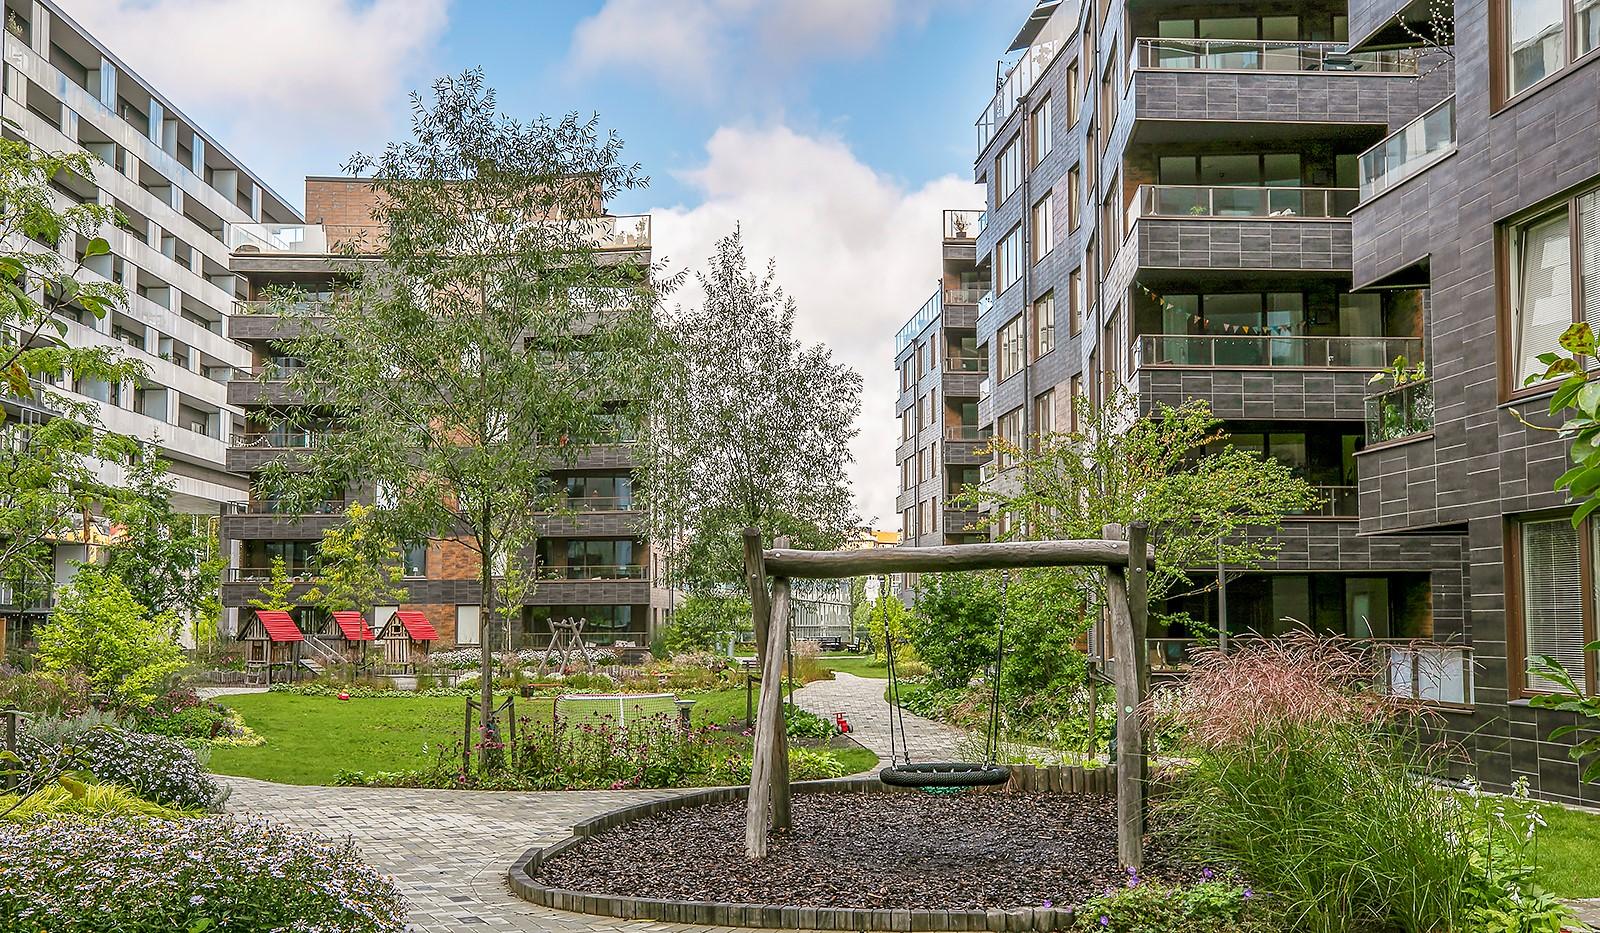 Hammarby Allé 15, vån 5 - Föreningens lekplats är ett paradis för de små